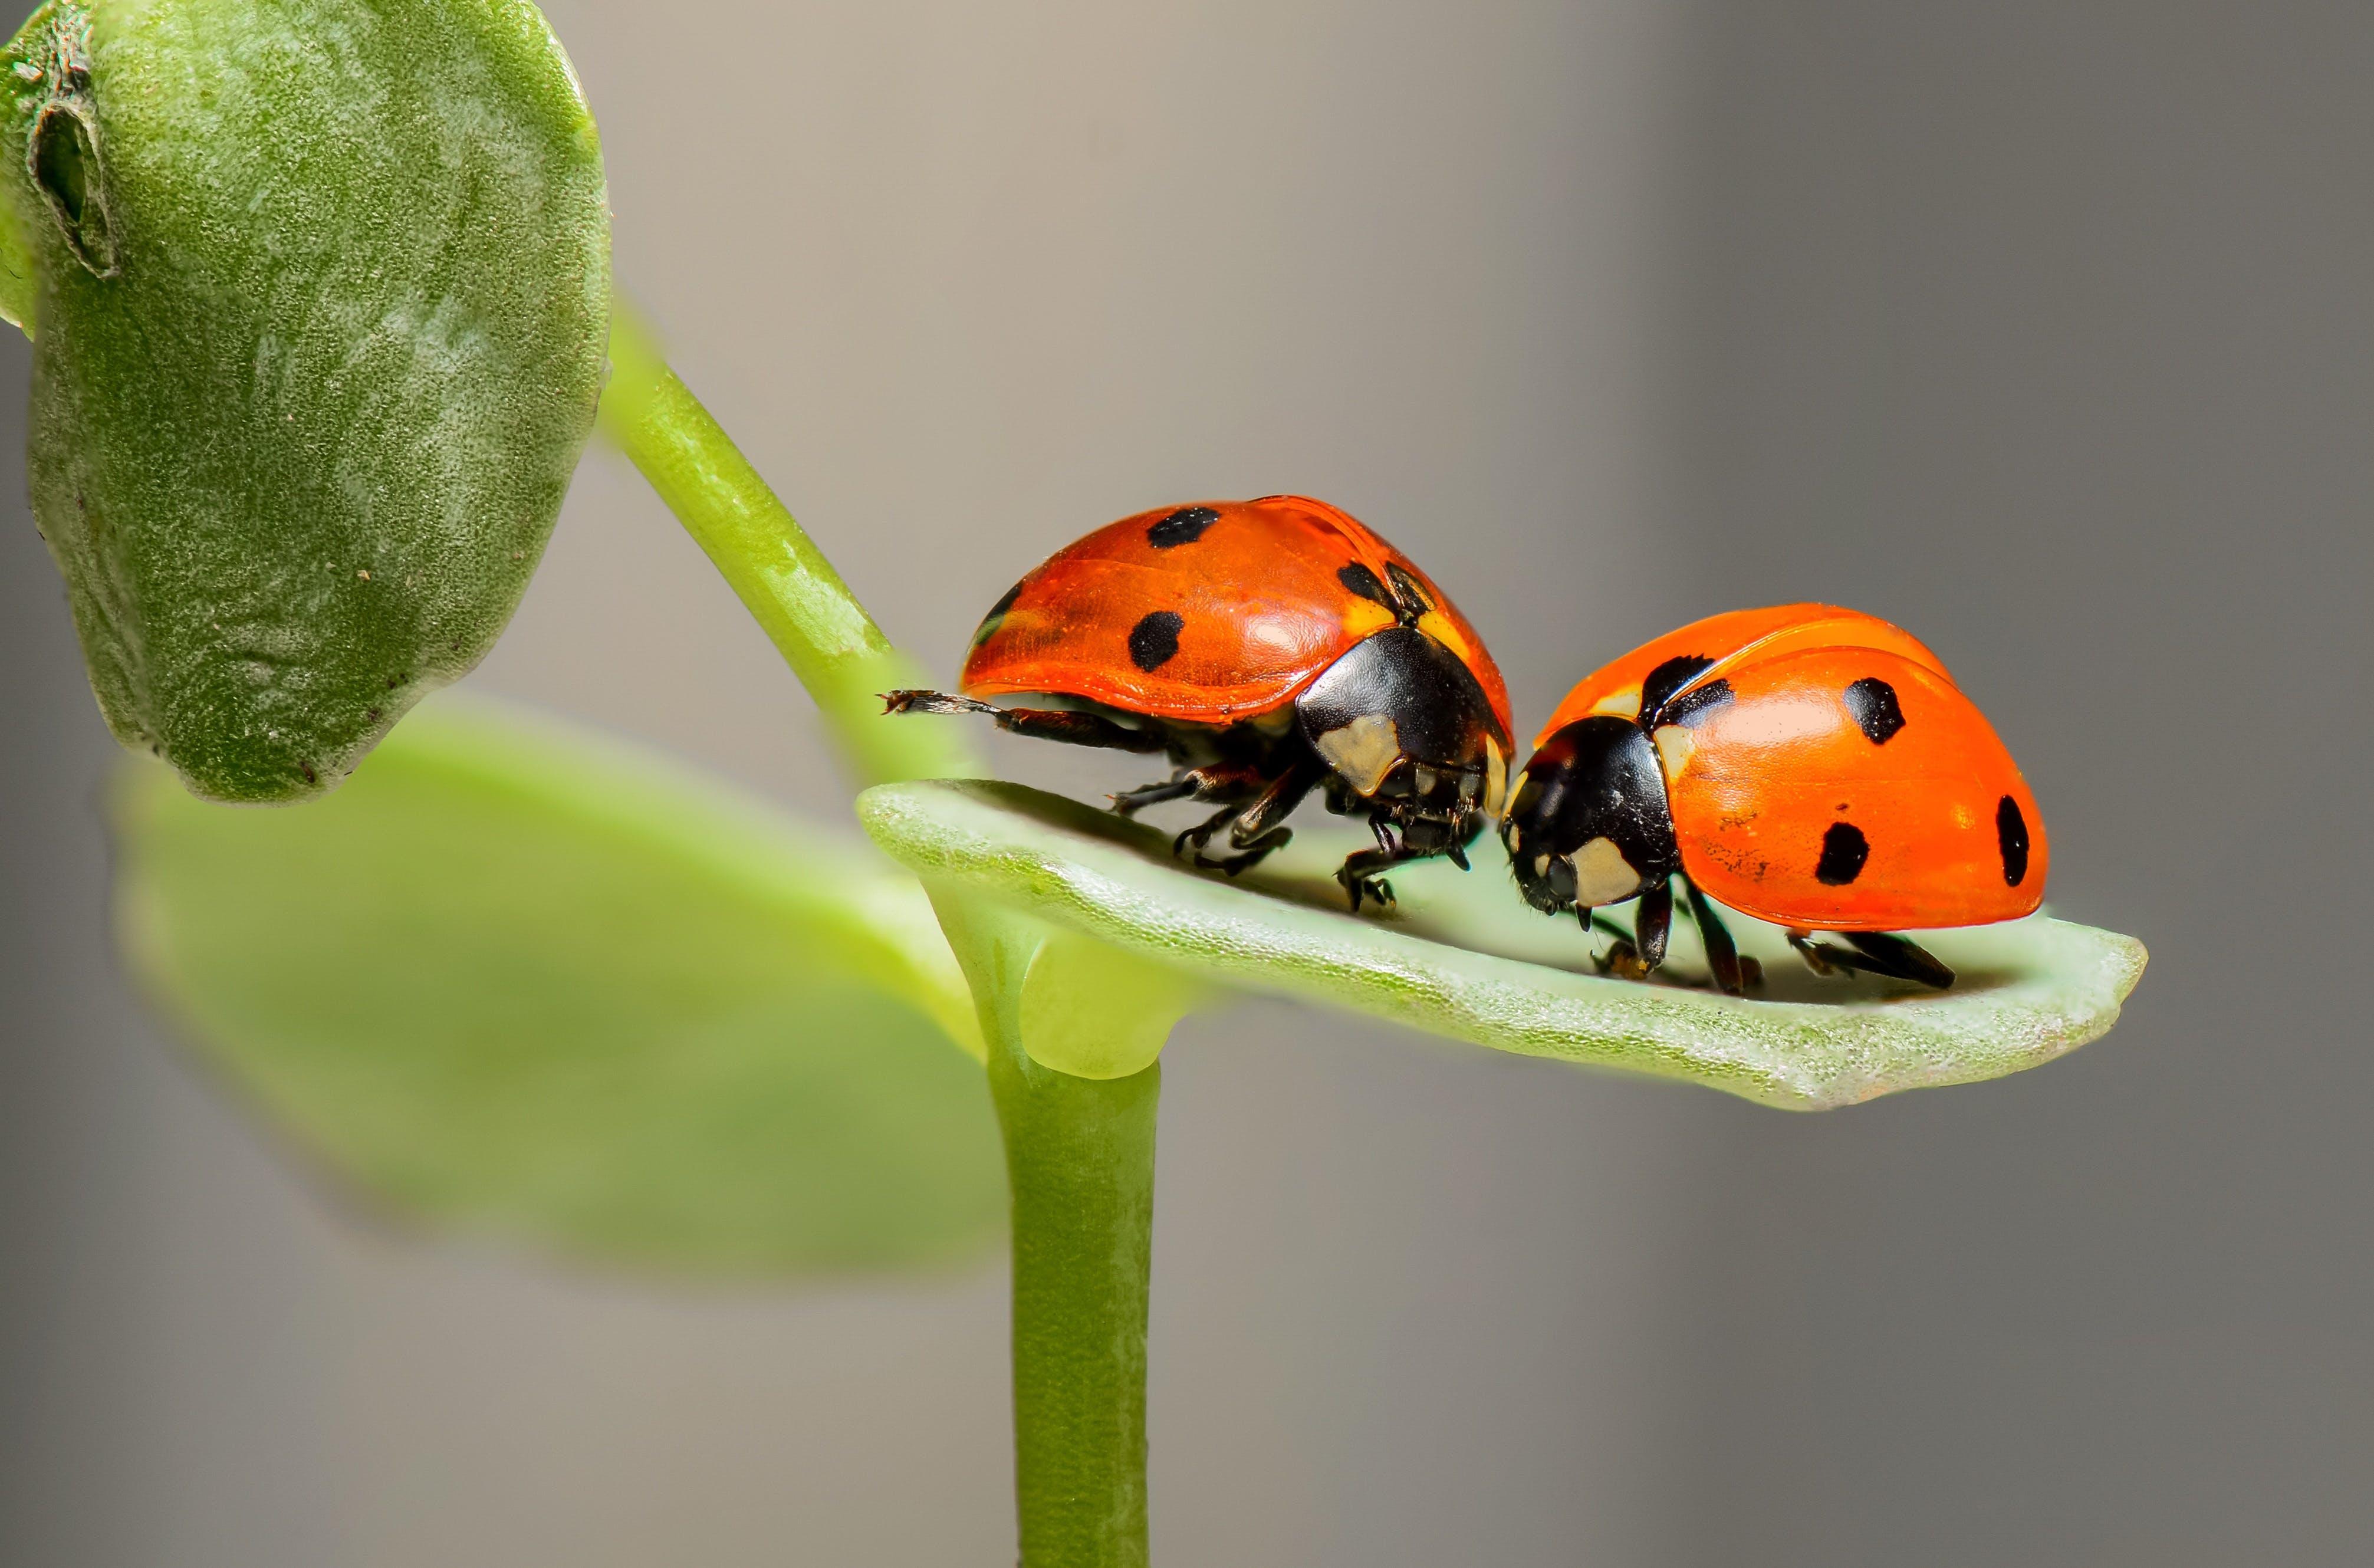 2 Lady Bug on Green Leaf